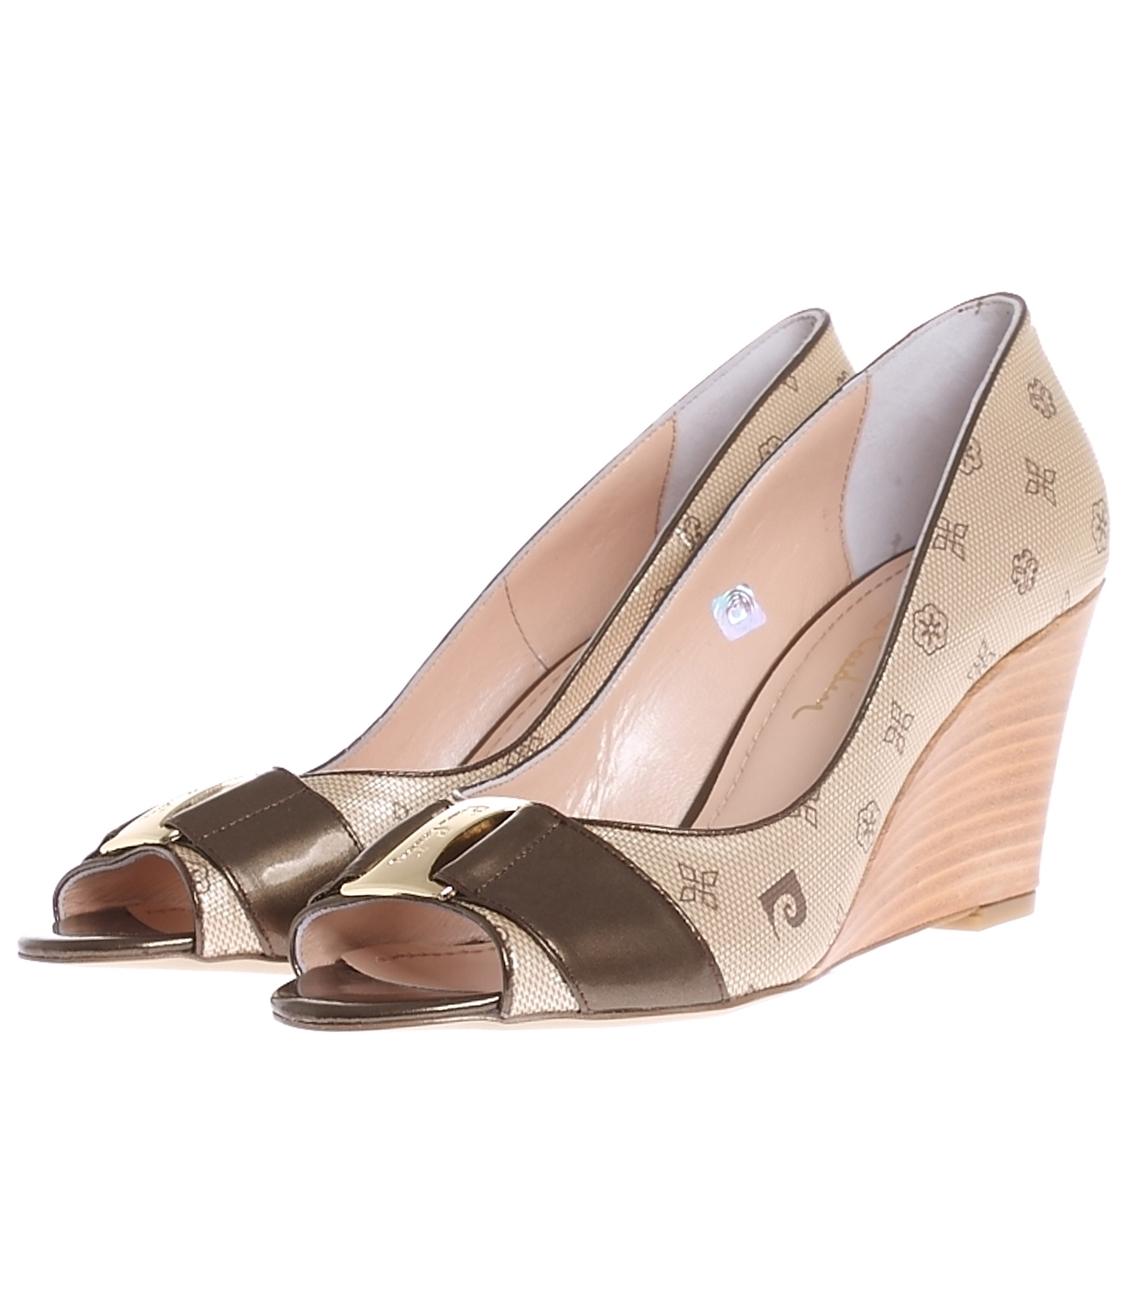 40 Dore Pierre Cardin Gold Dolgu Tpklu Ayakkabi 5000031066001 Ayakkabı & Çanta Kadın Topuk